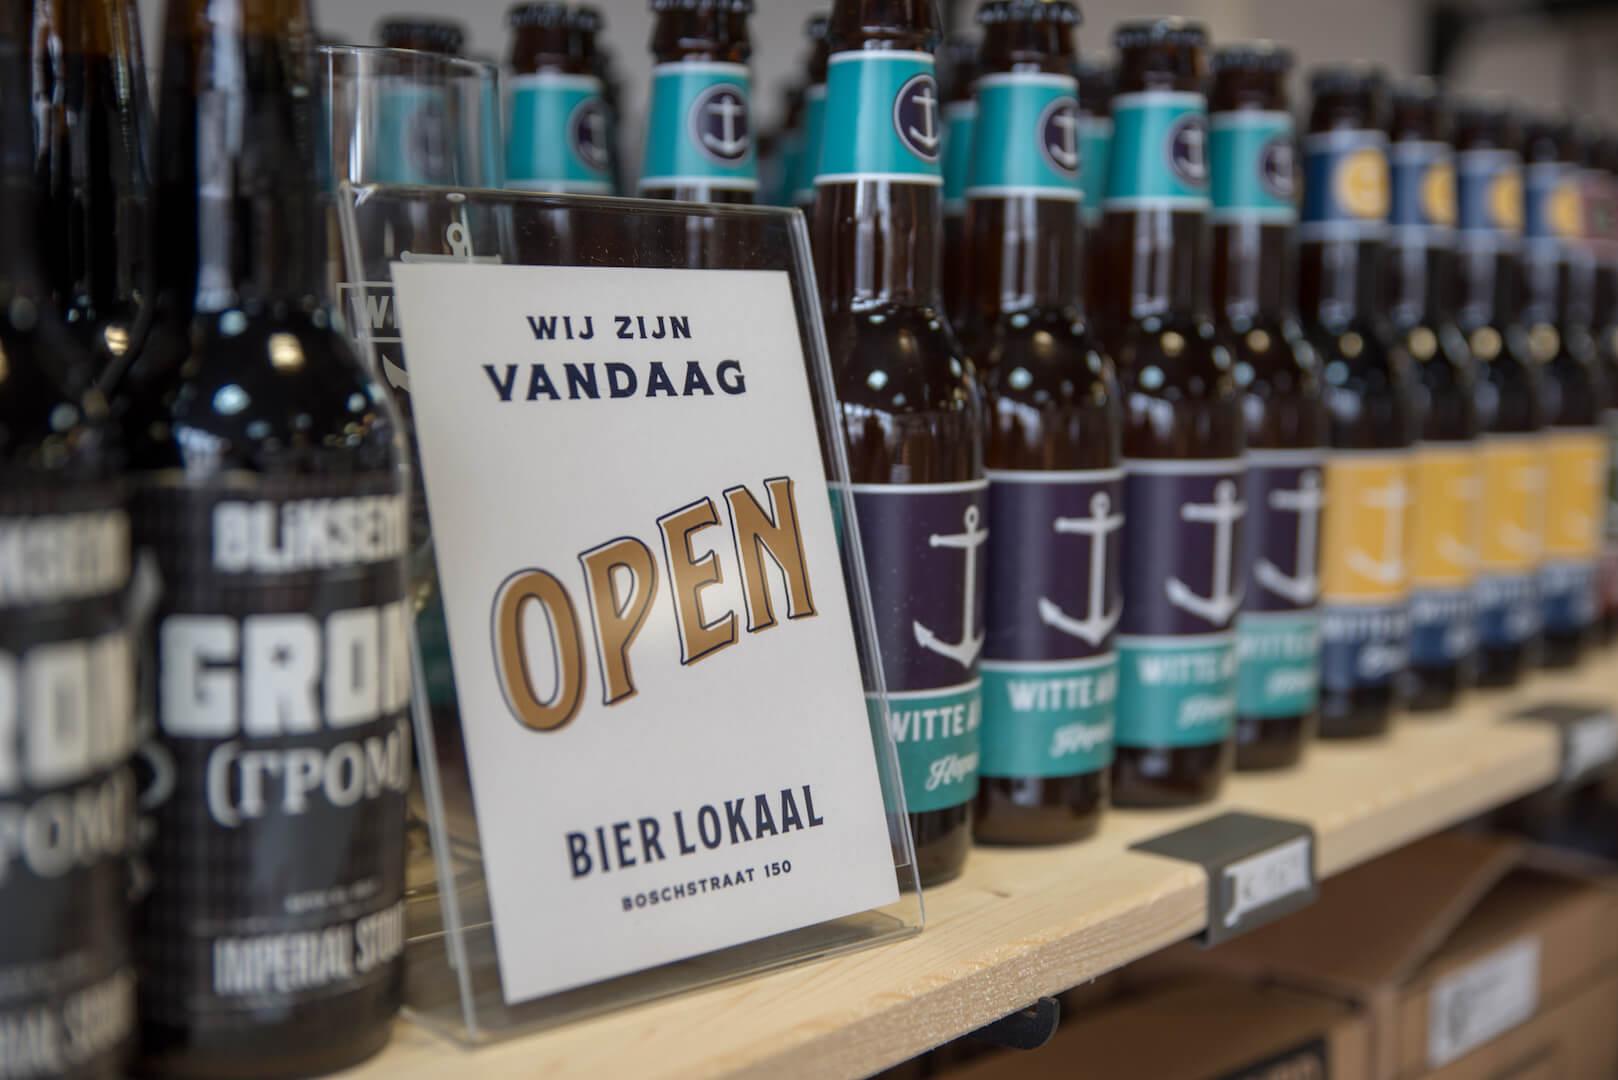 Bier Lokaal